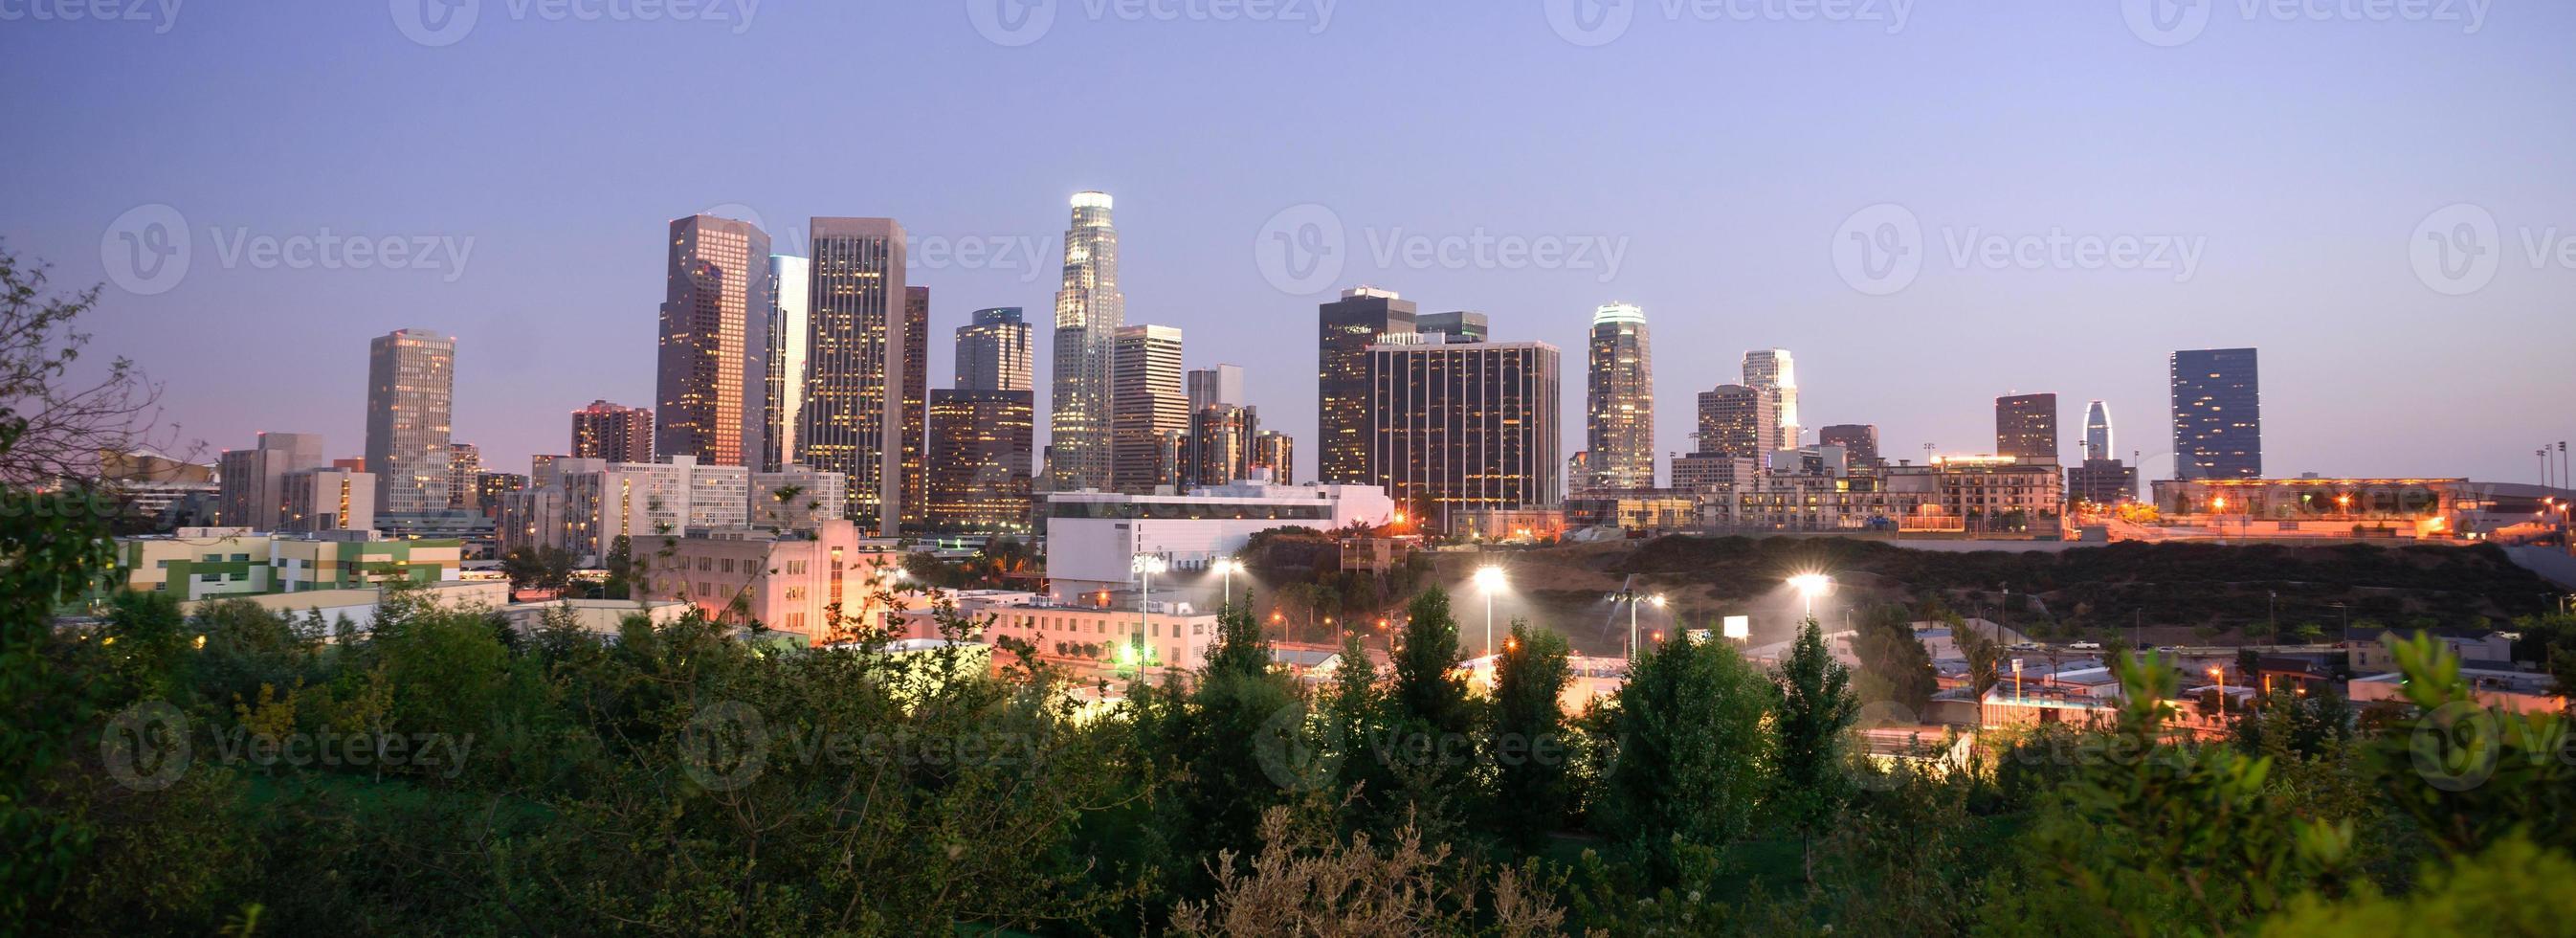 tramonto los angeles california skyline del centro città foto